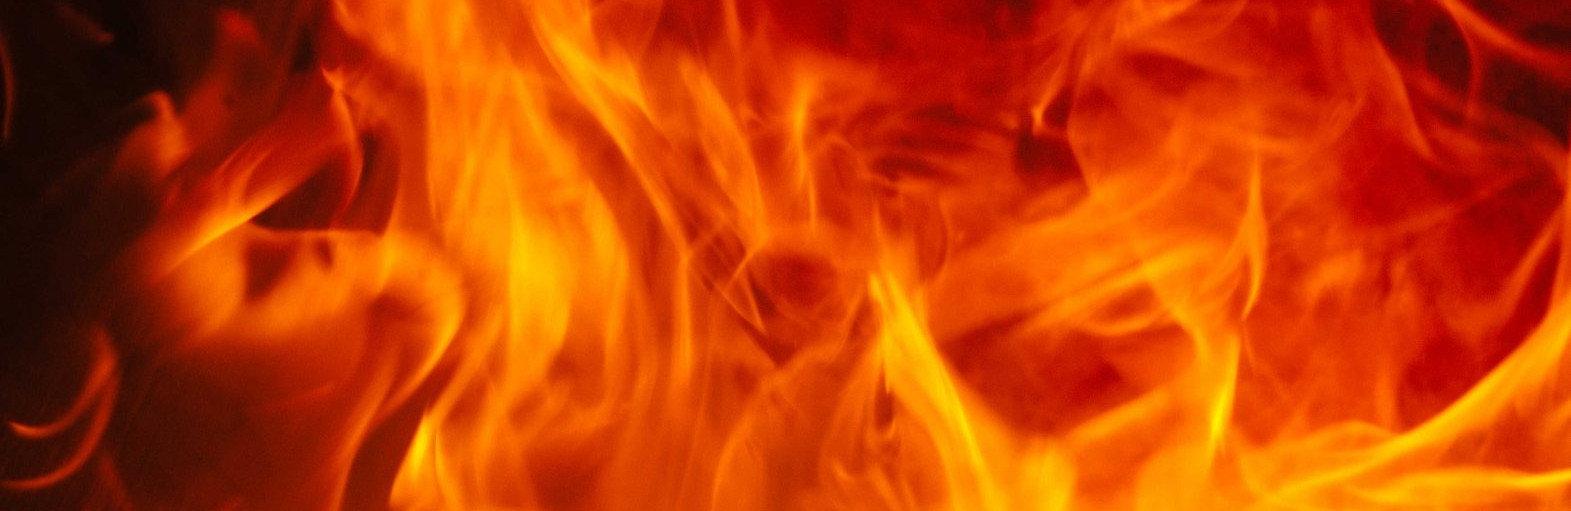 В Одесской области горела трансформаторная подстанция 0